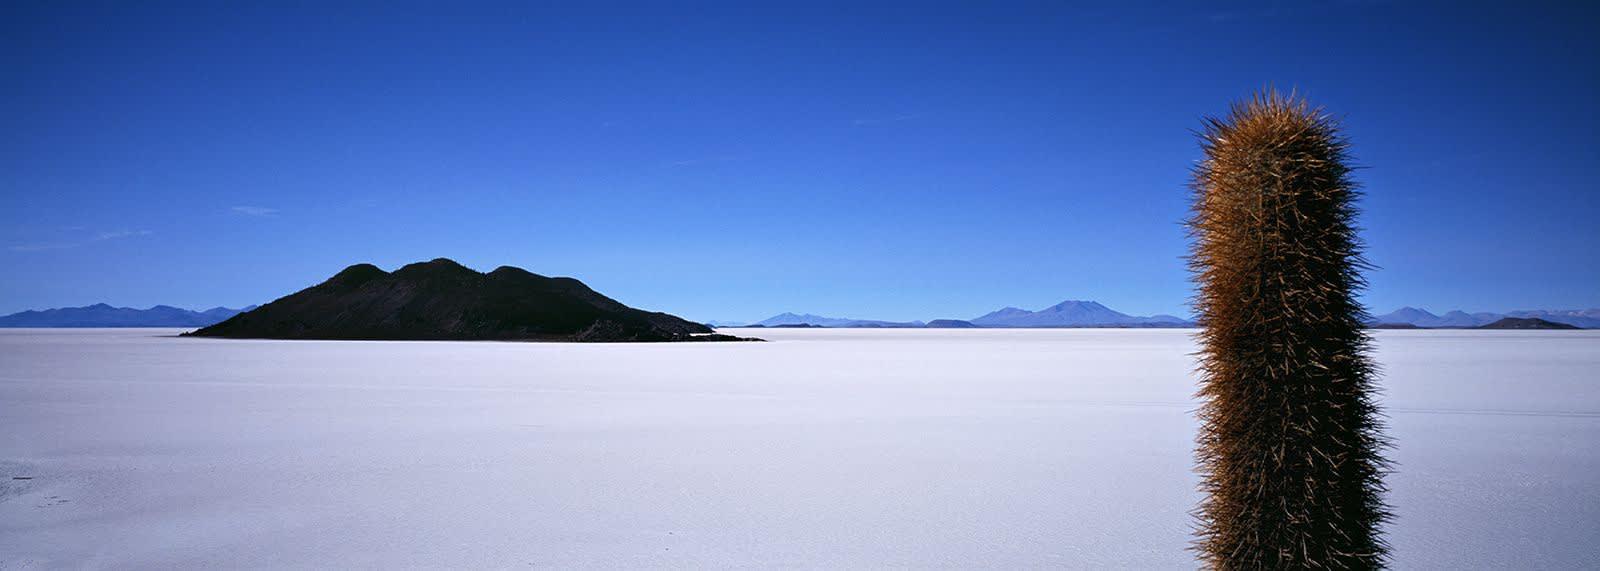 Matjaž Krivic, Salar de Uyuni, Bolivia, 2002 – 2006